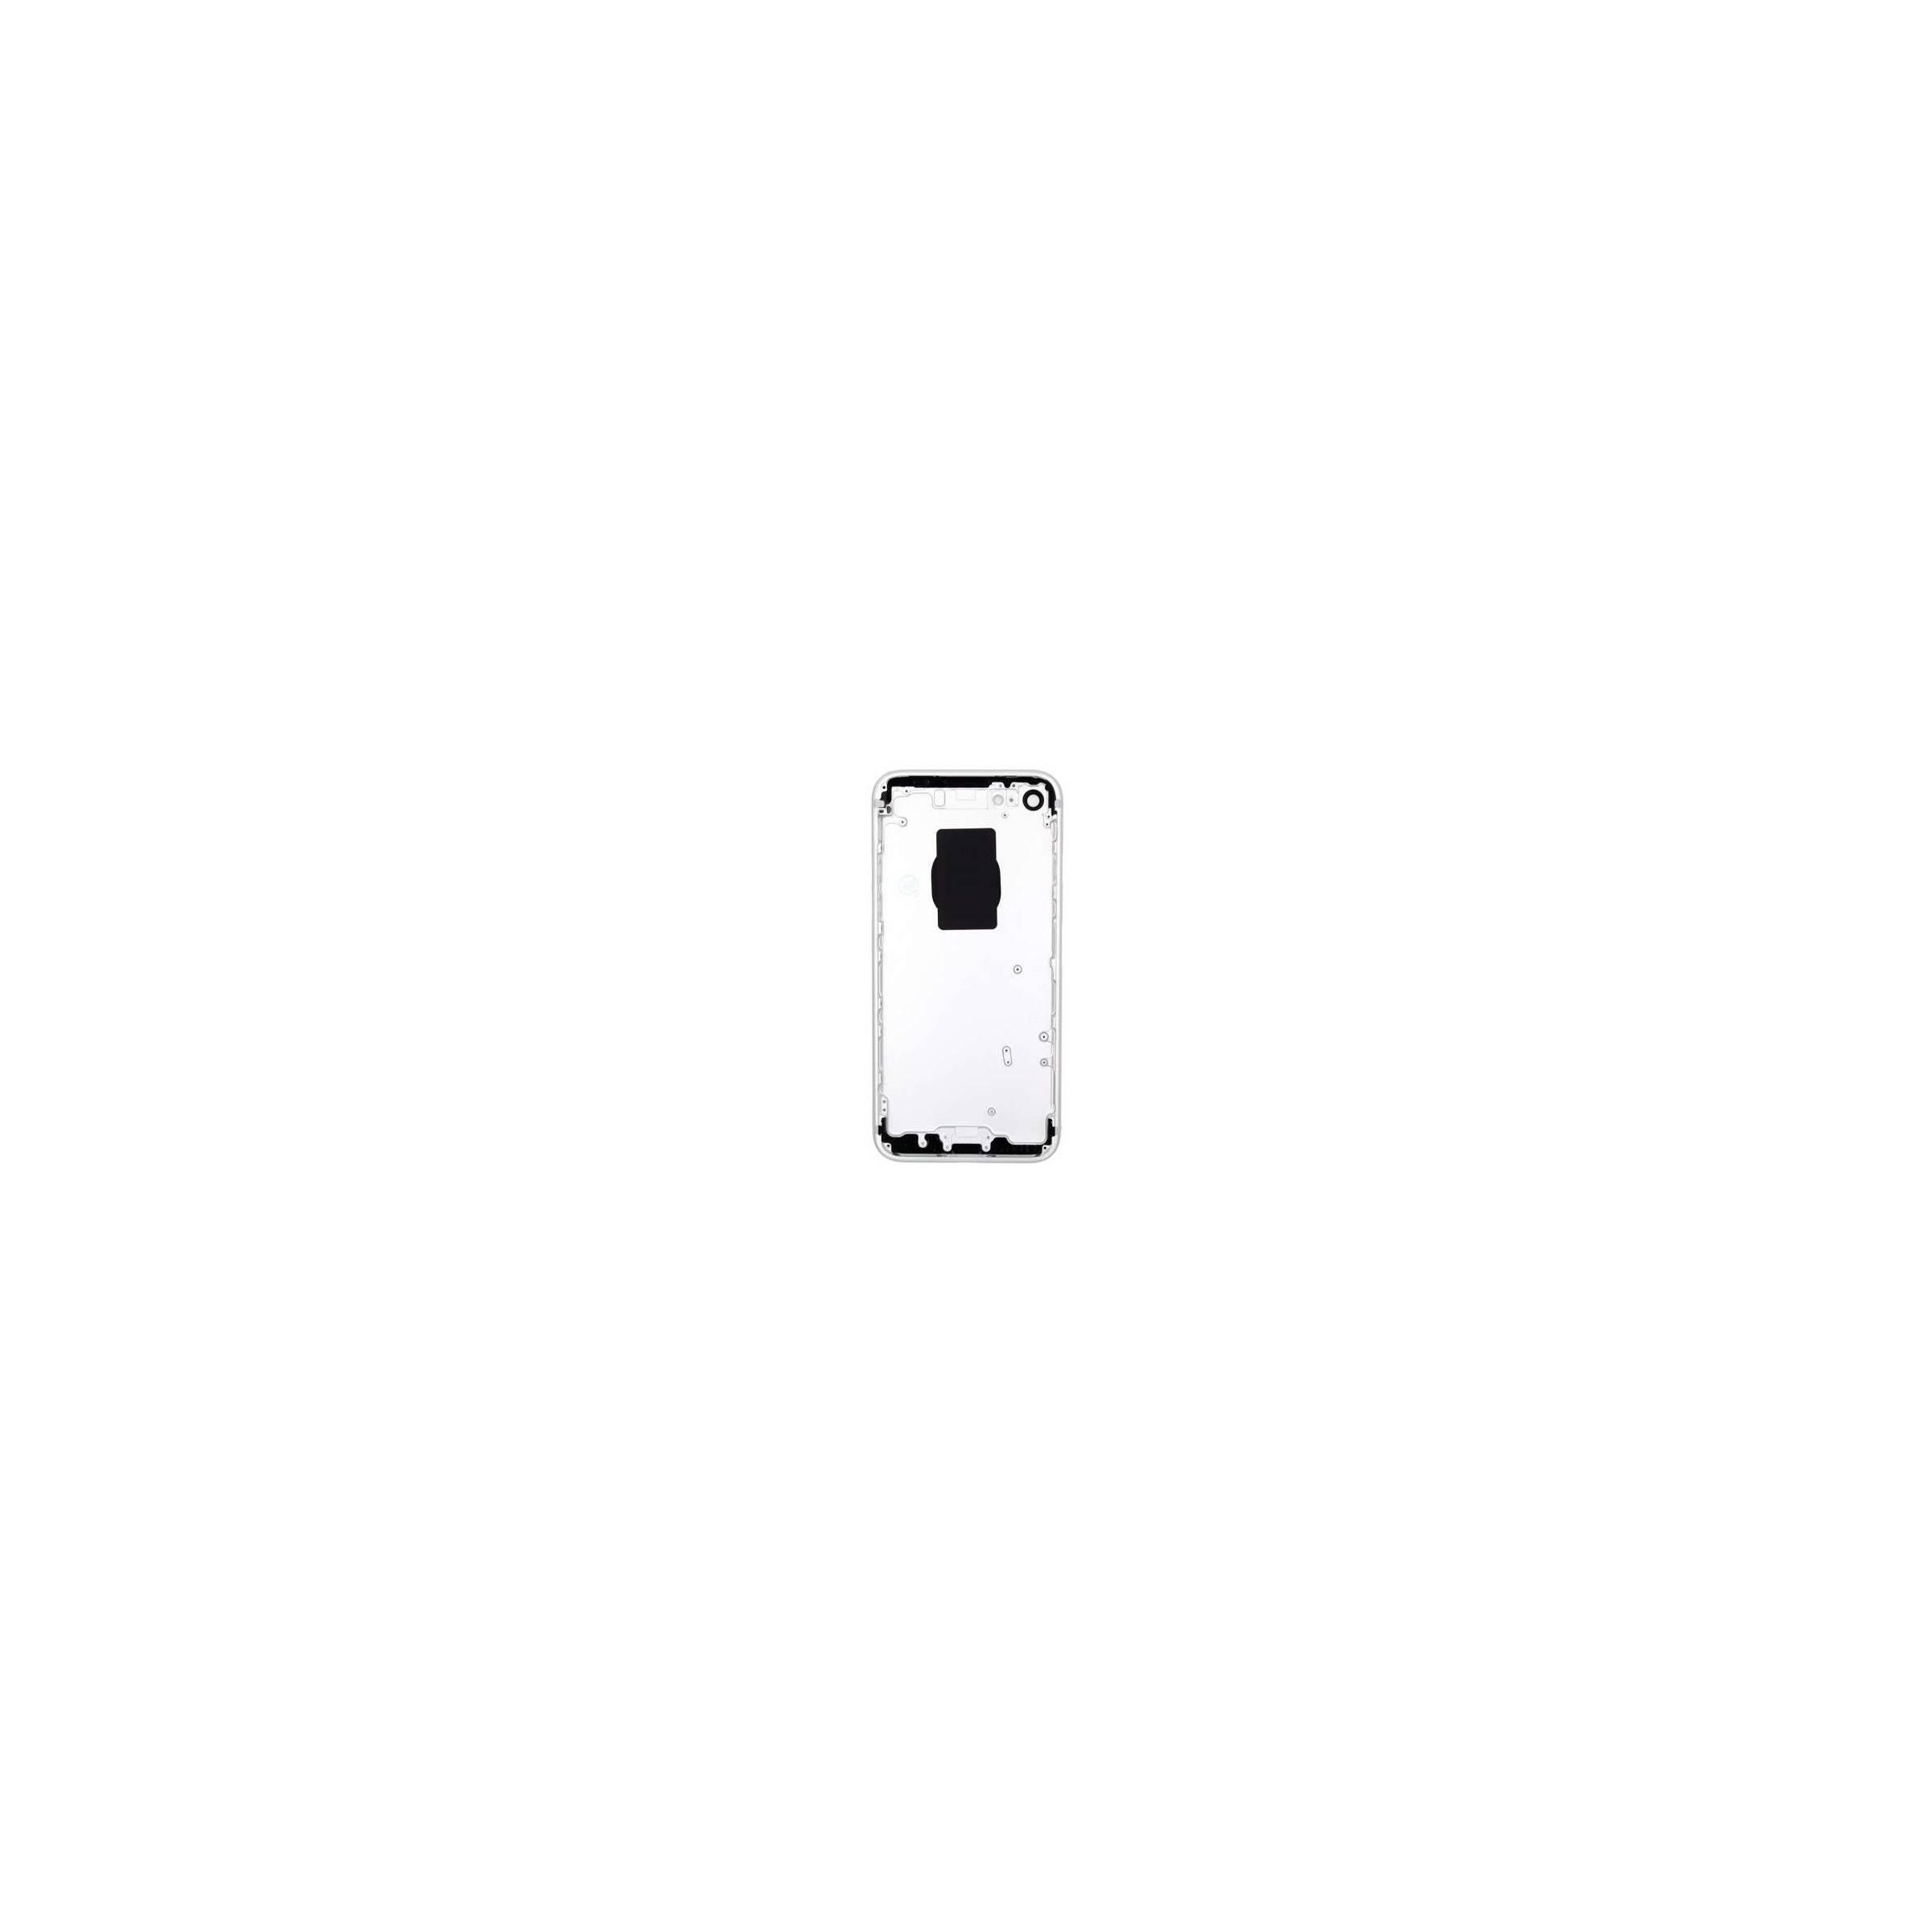 sinox – Iphone 7 housing farve sølv farve fra mackabler.dk